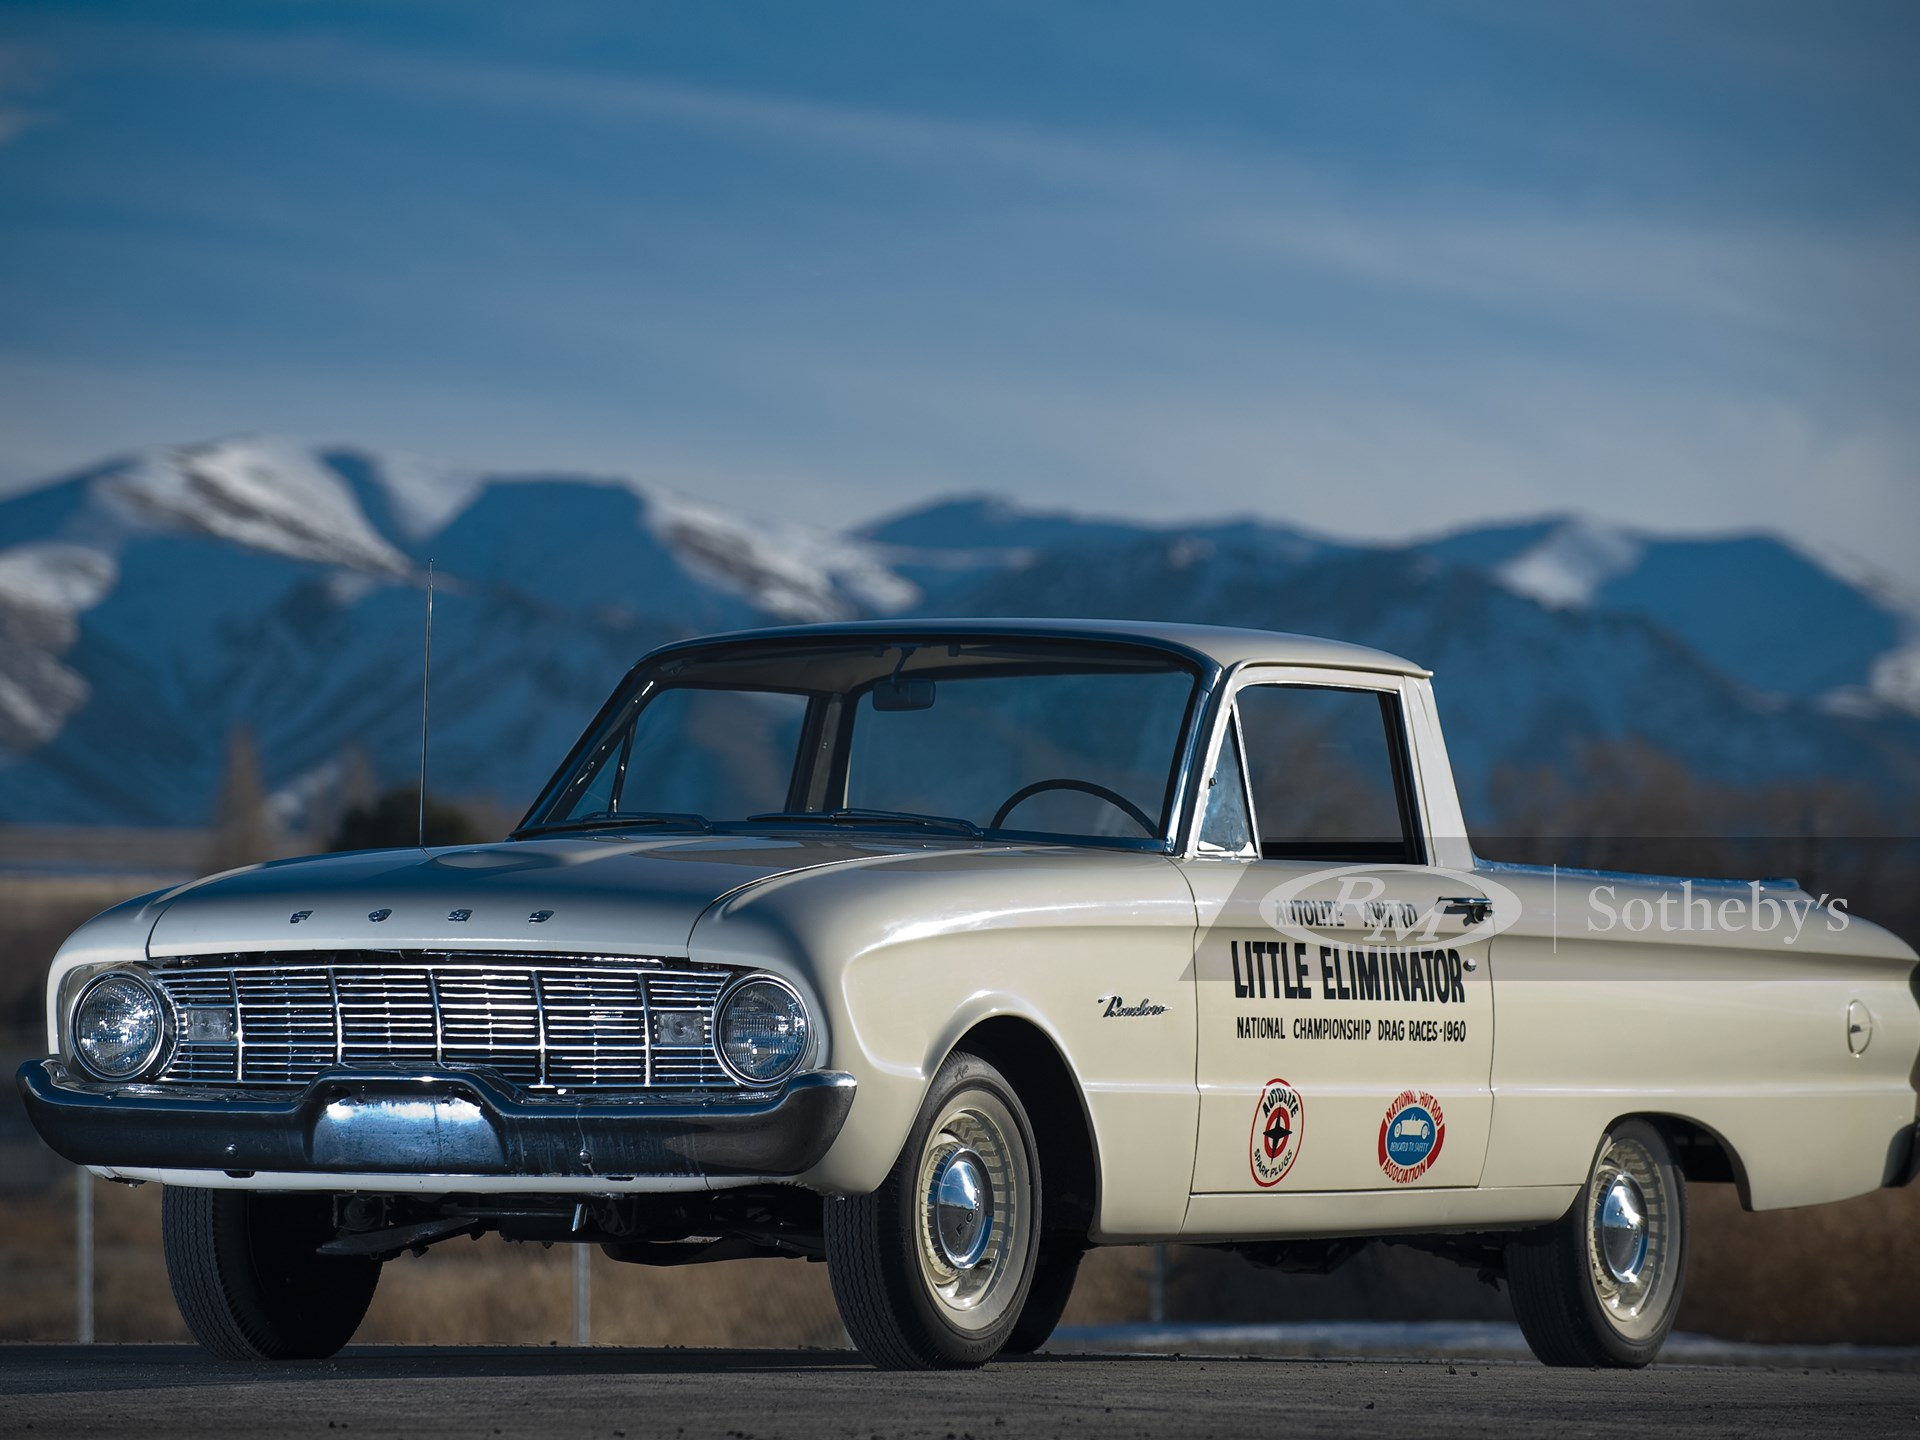 1960 Ford Falcon Ranchero Sport Pickup